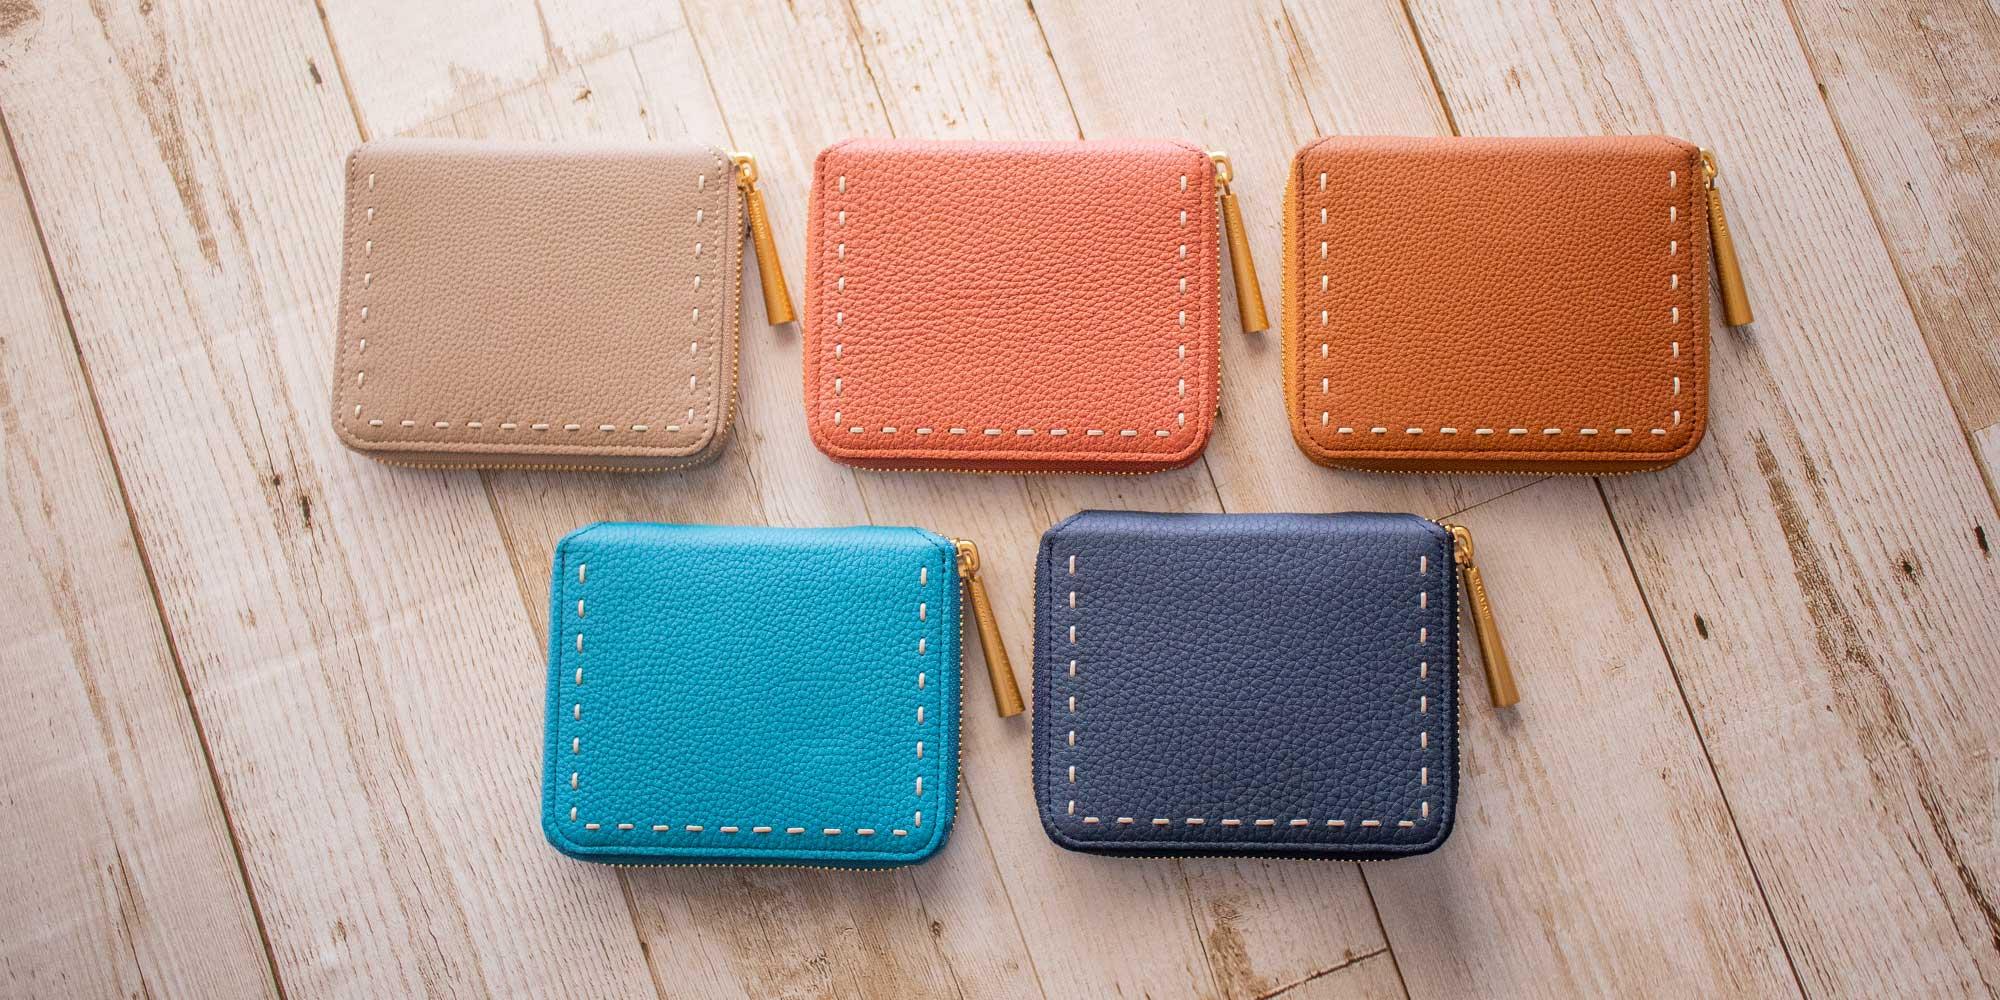 新作スモールウォレット「BONNY」2019年 秋コレクションに登場。収穫の季節にお財布を新調するのに最適です。